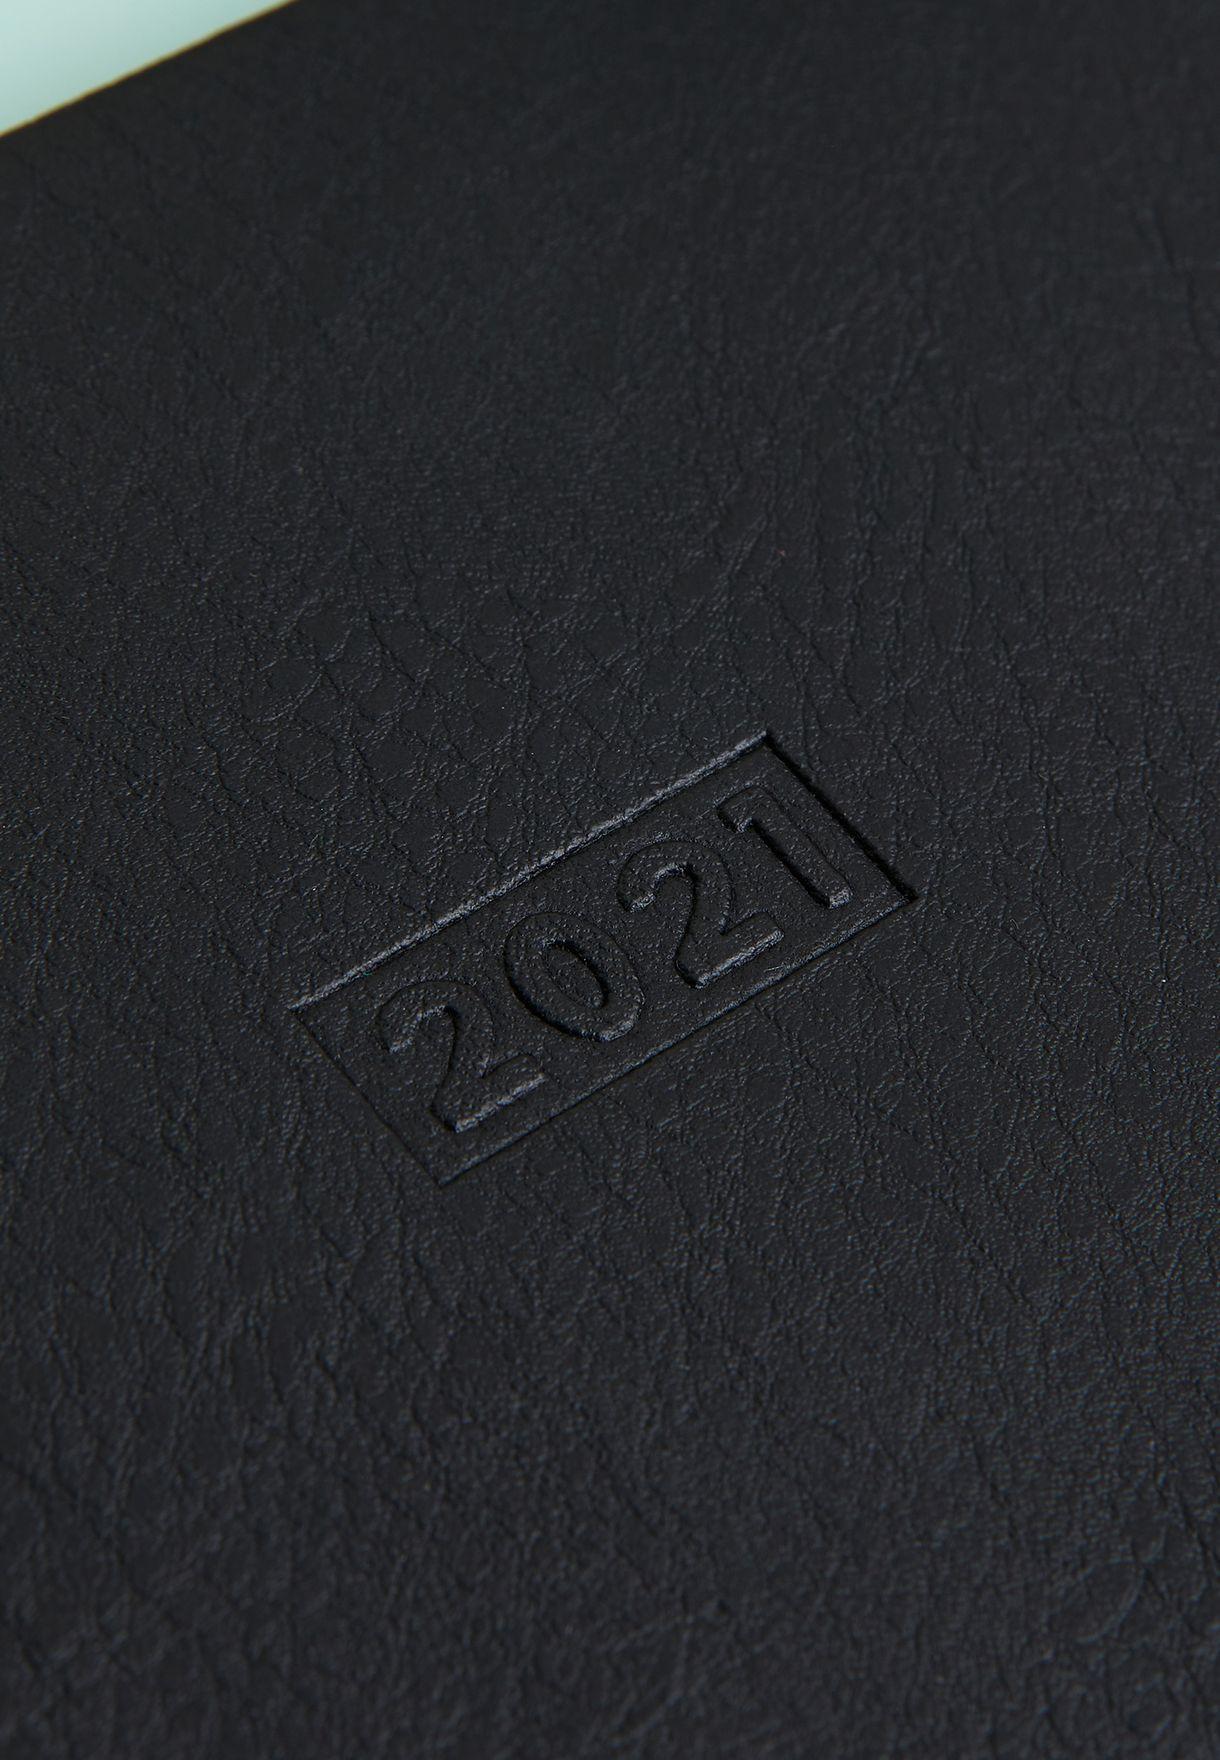 دفتر تخطيط وملاحظات A4